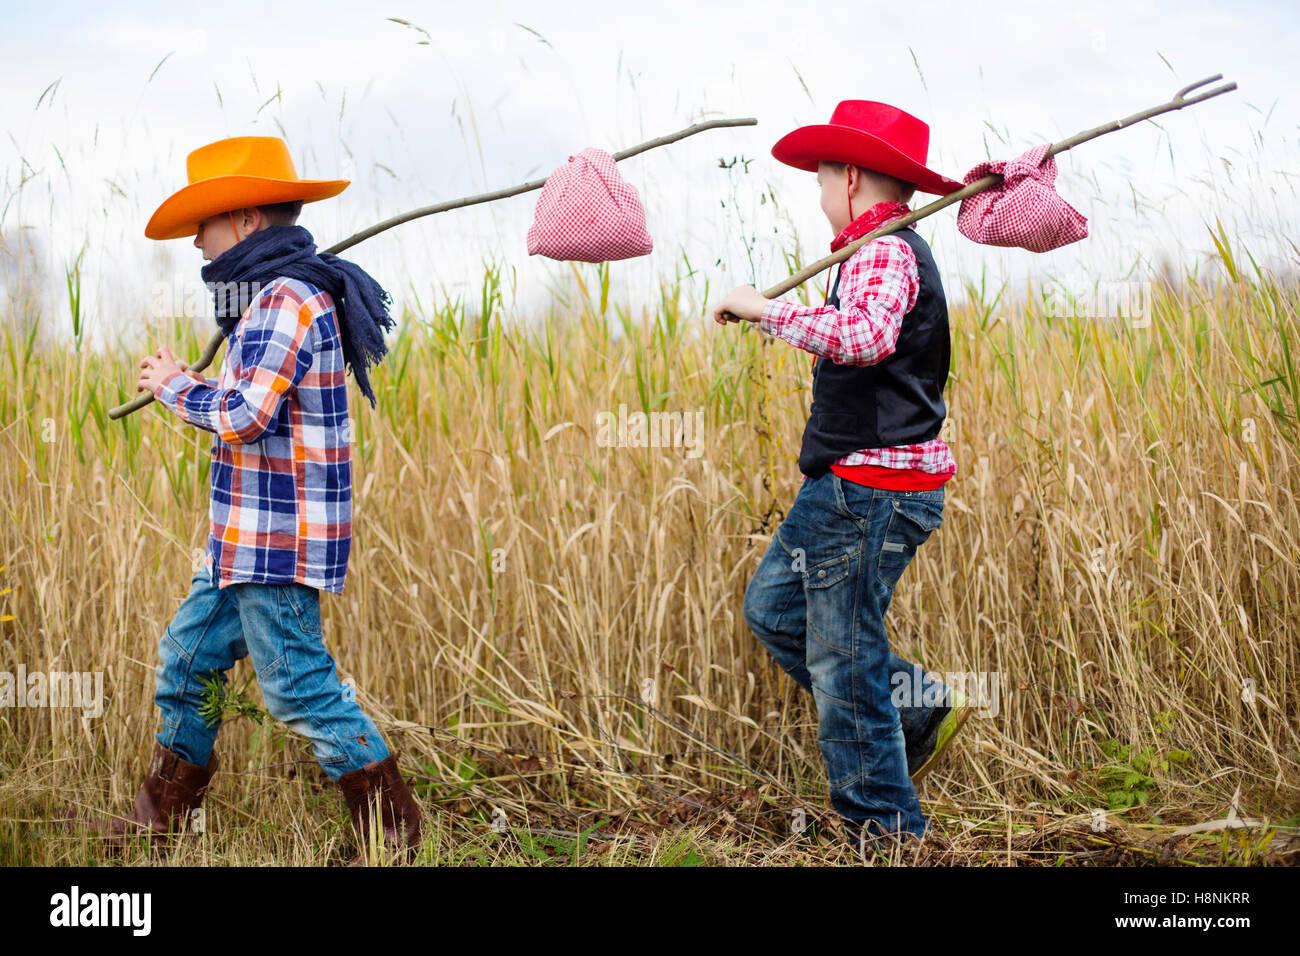 Los varones (8-9) vestidos como vaqueros caminar en el campo Imagen De Stock